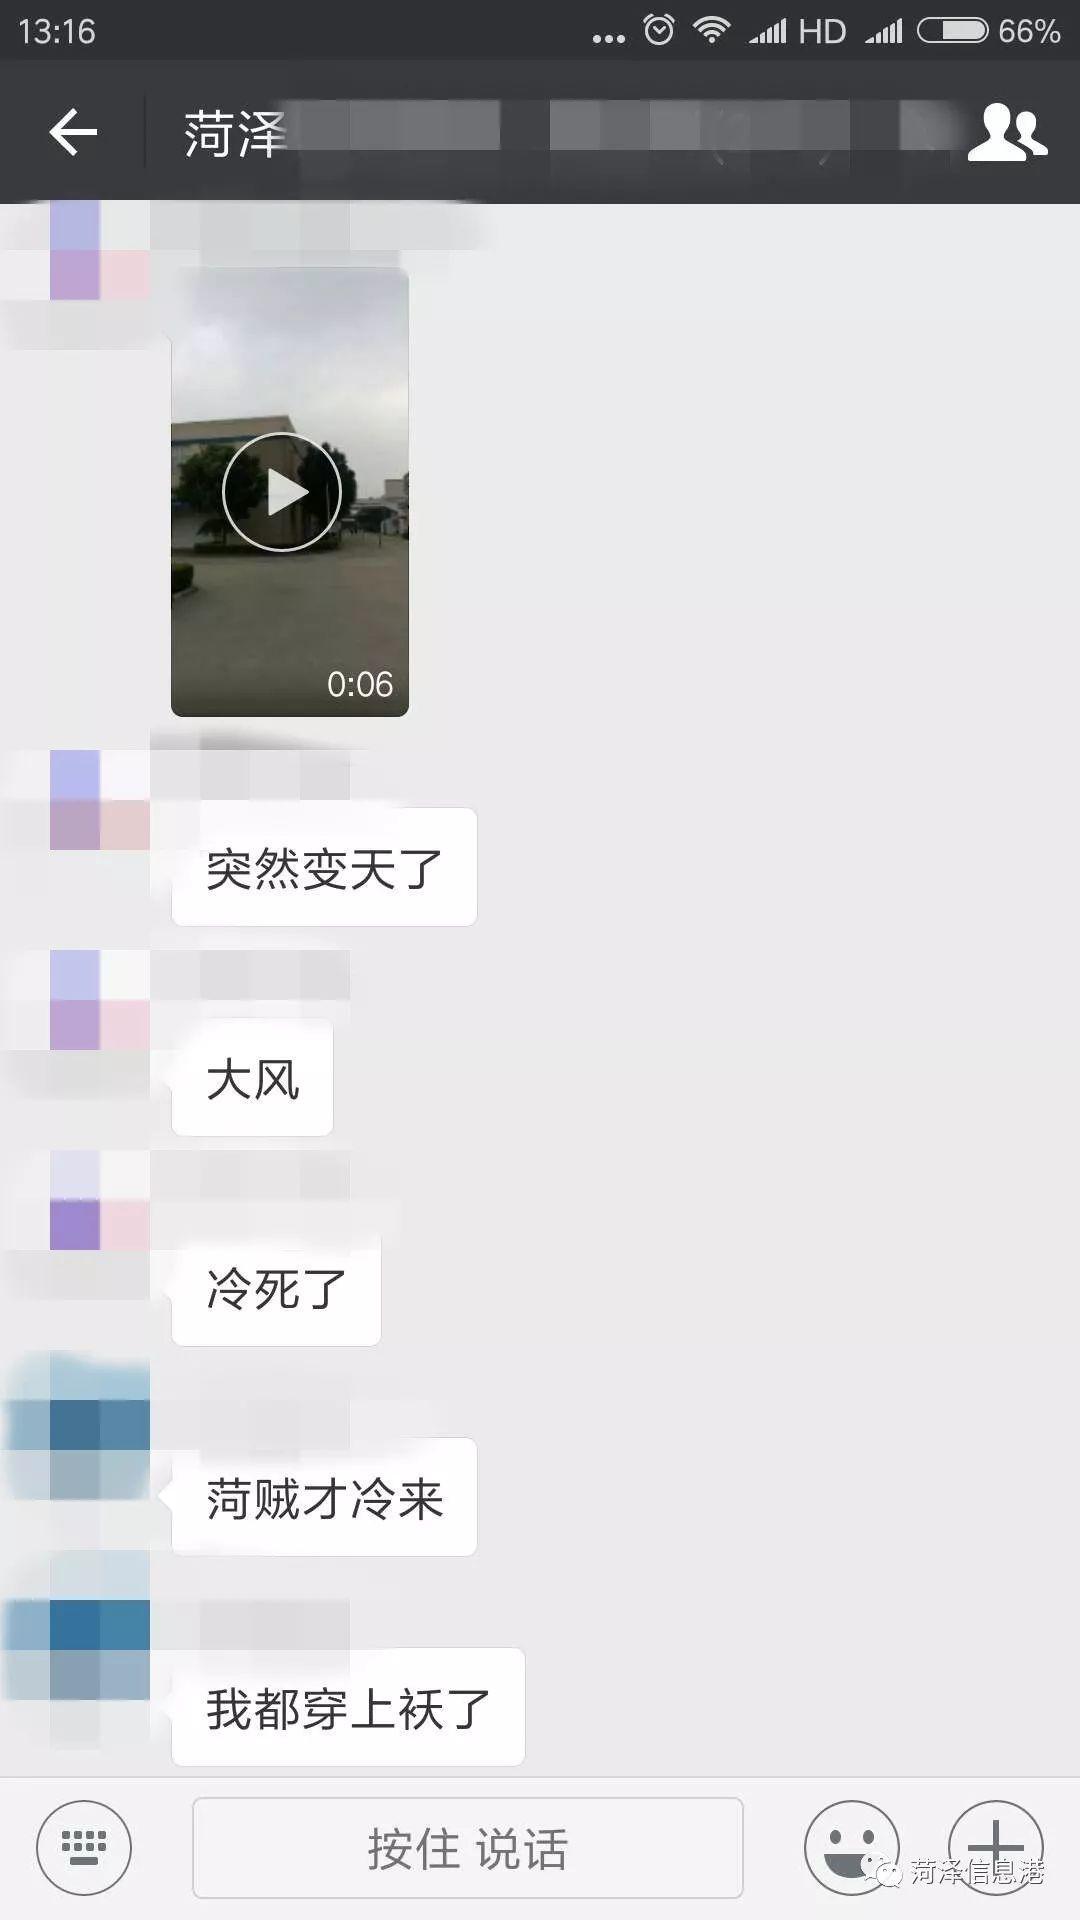 """""""中国茶人之家""""评选十周年盛典启动, """"茶粉""""、""""茶迷""""们赶紧行动起来!"""